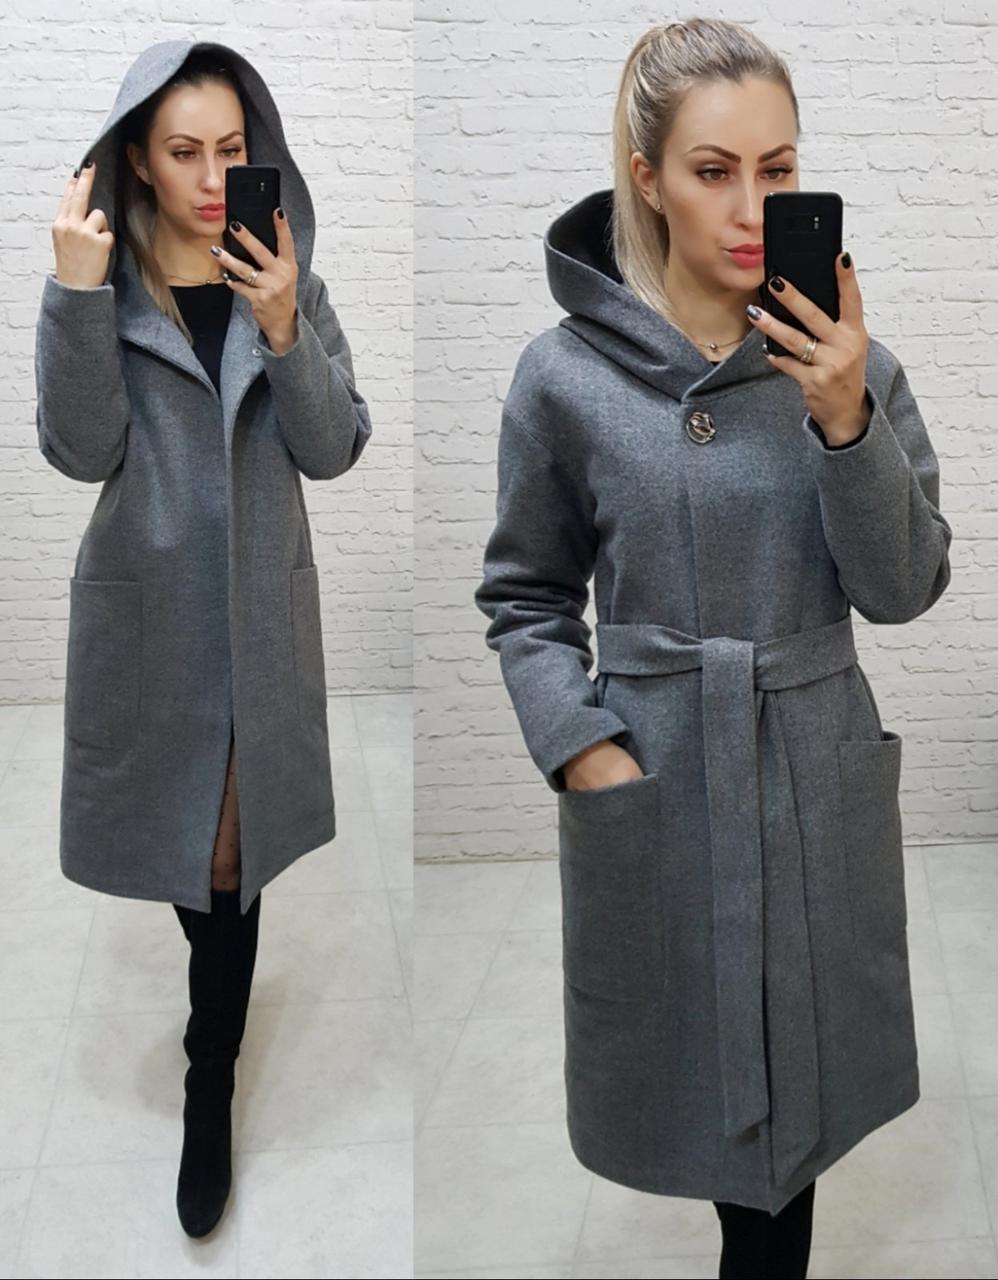 Утеплене кашемірове пальто з капюшоном на утеплювачі, арт 176, колір темно сірий(9)